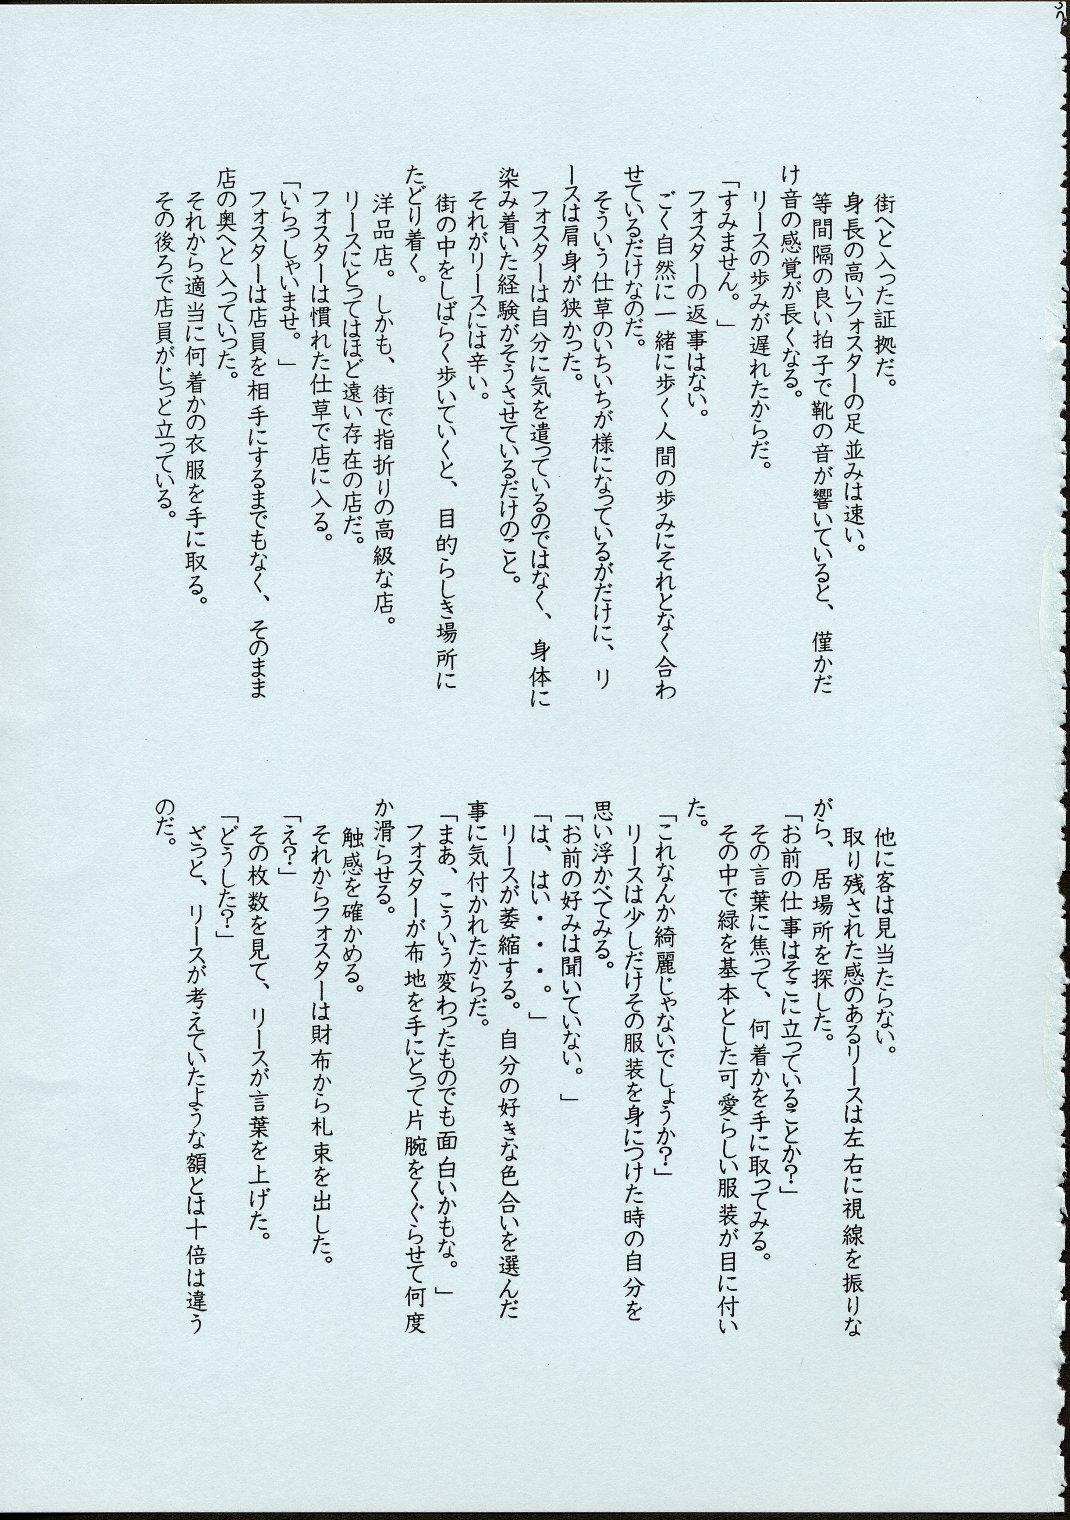 Maid-san kihonkei 35